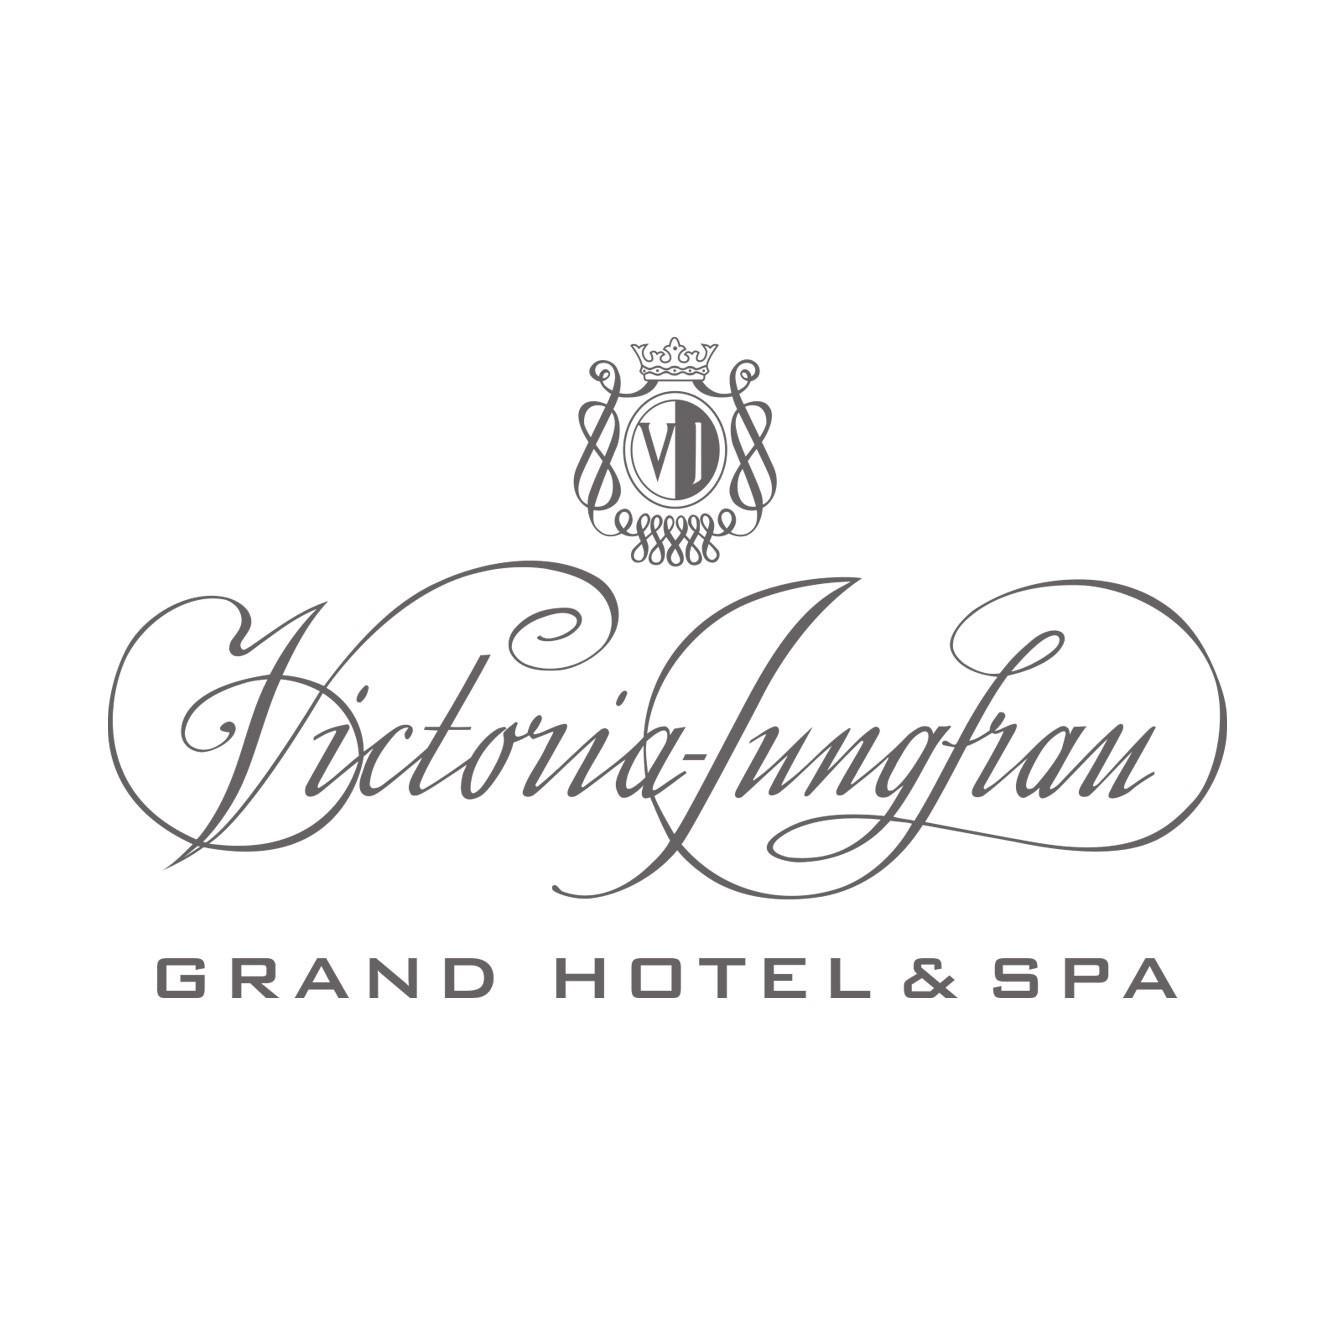 Victoria-Jungfrau Grand Hôtel & Spa logo